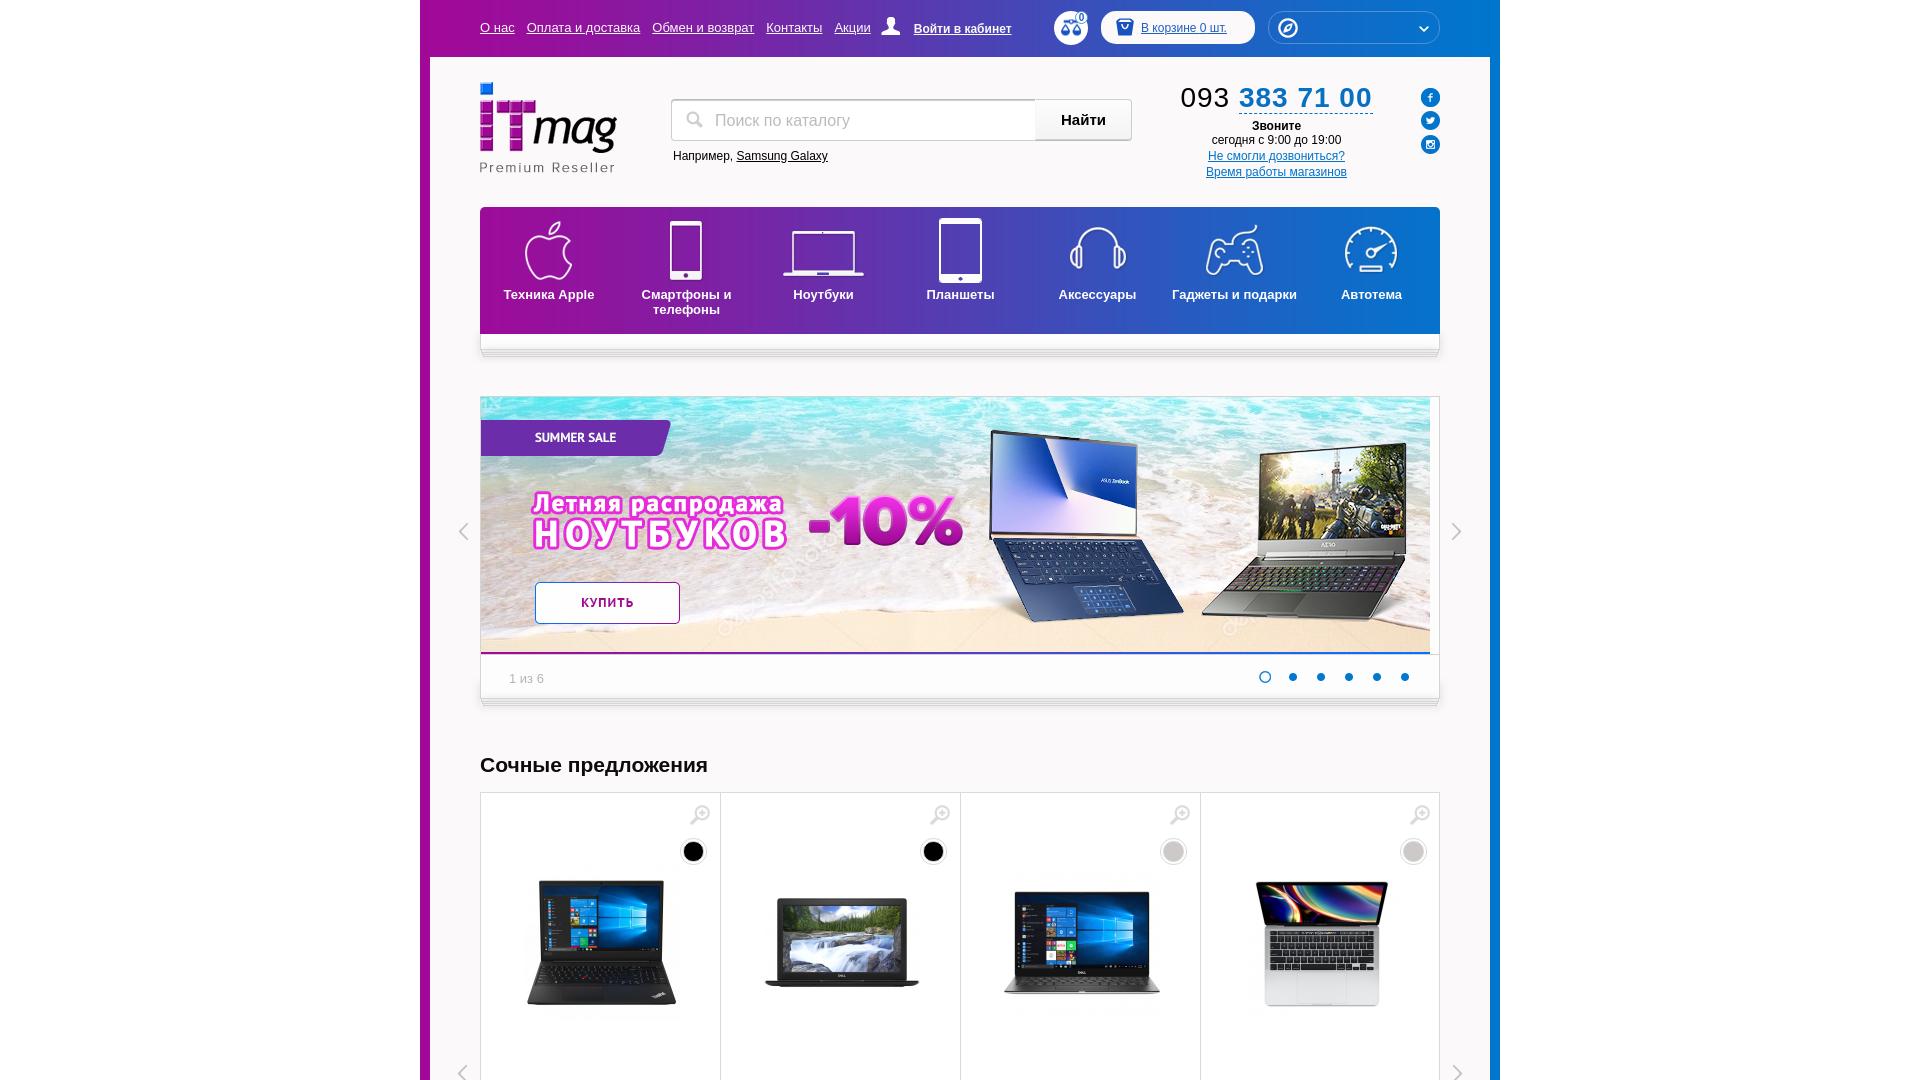 ITMag UA website